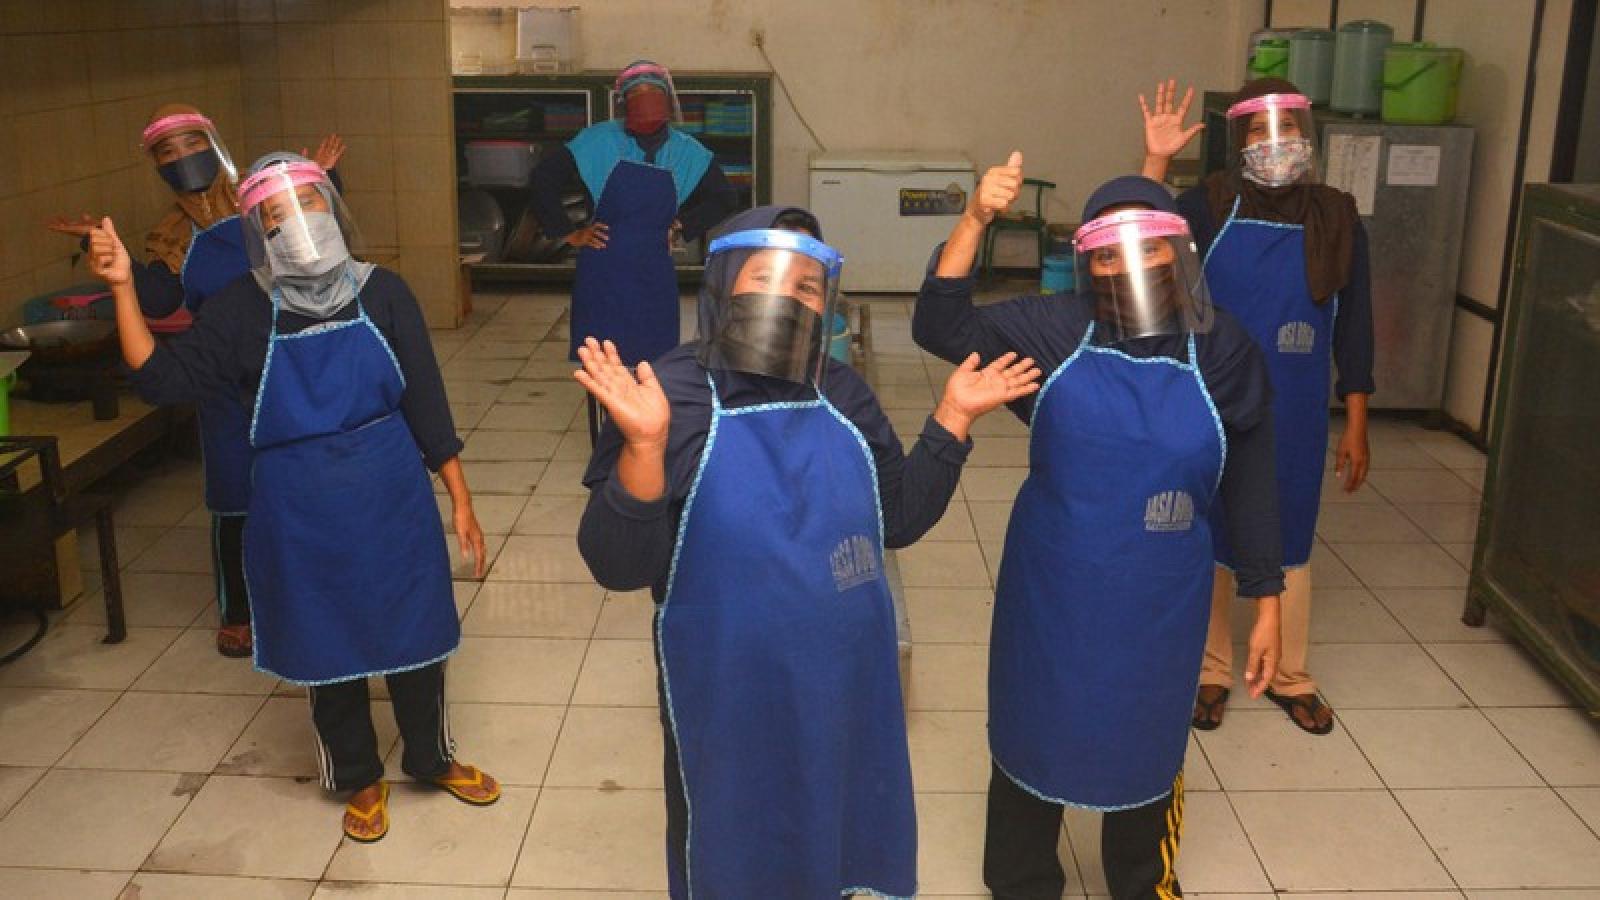 Các trường nội trú Hồi giáo Indonesia trở thành cụm lây nhiễm Covid-19